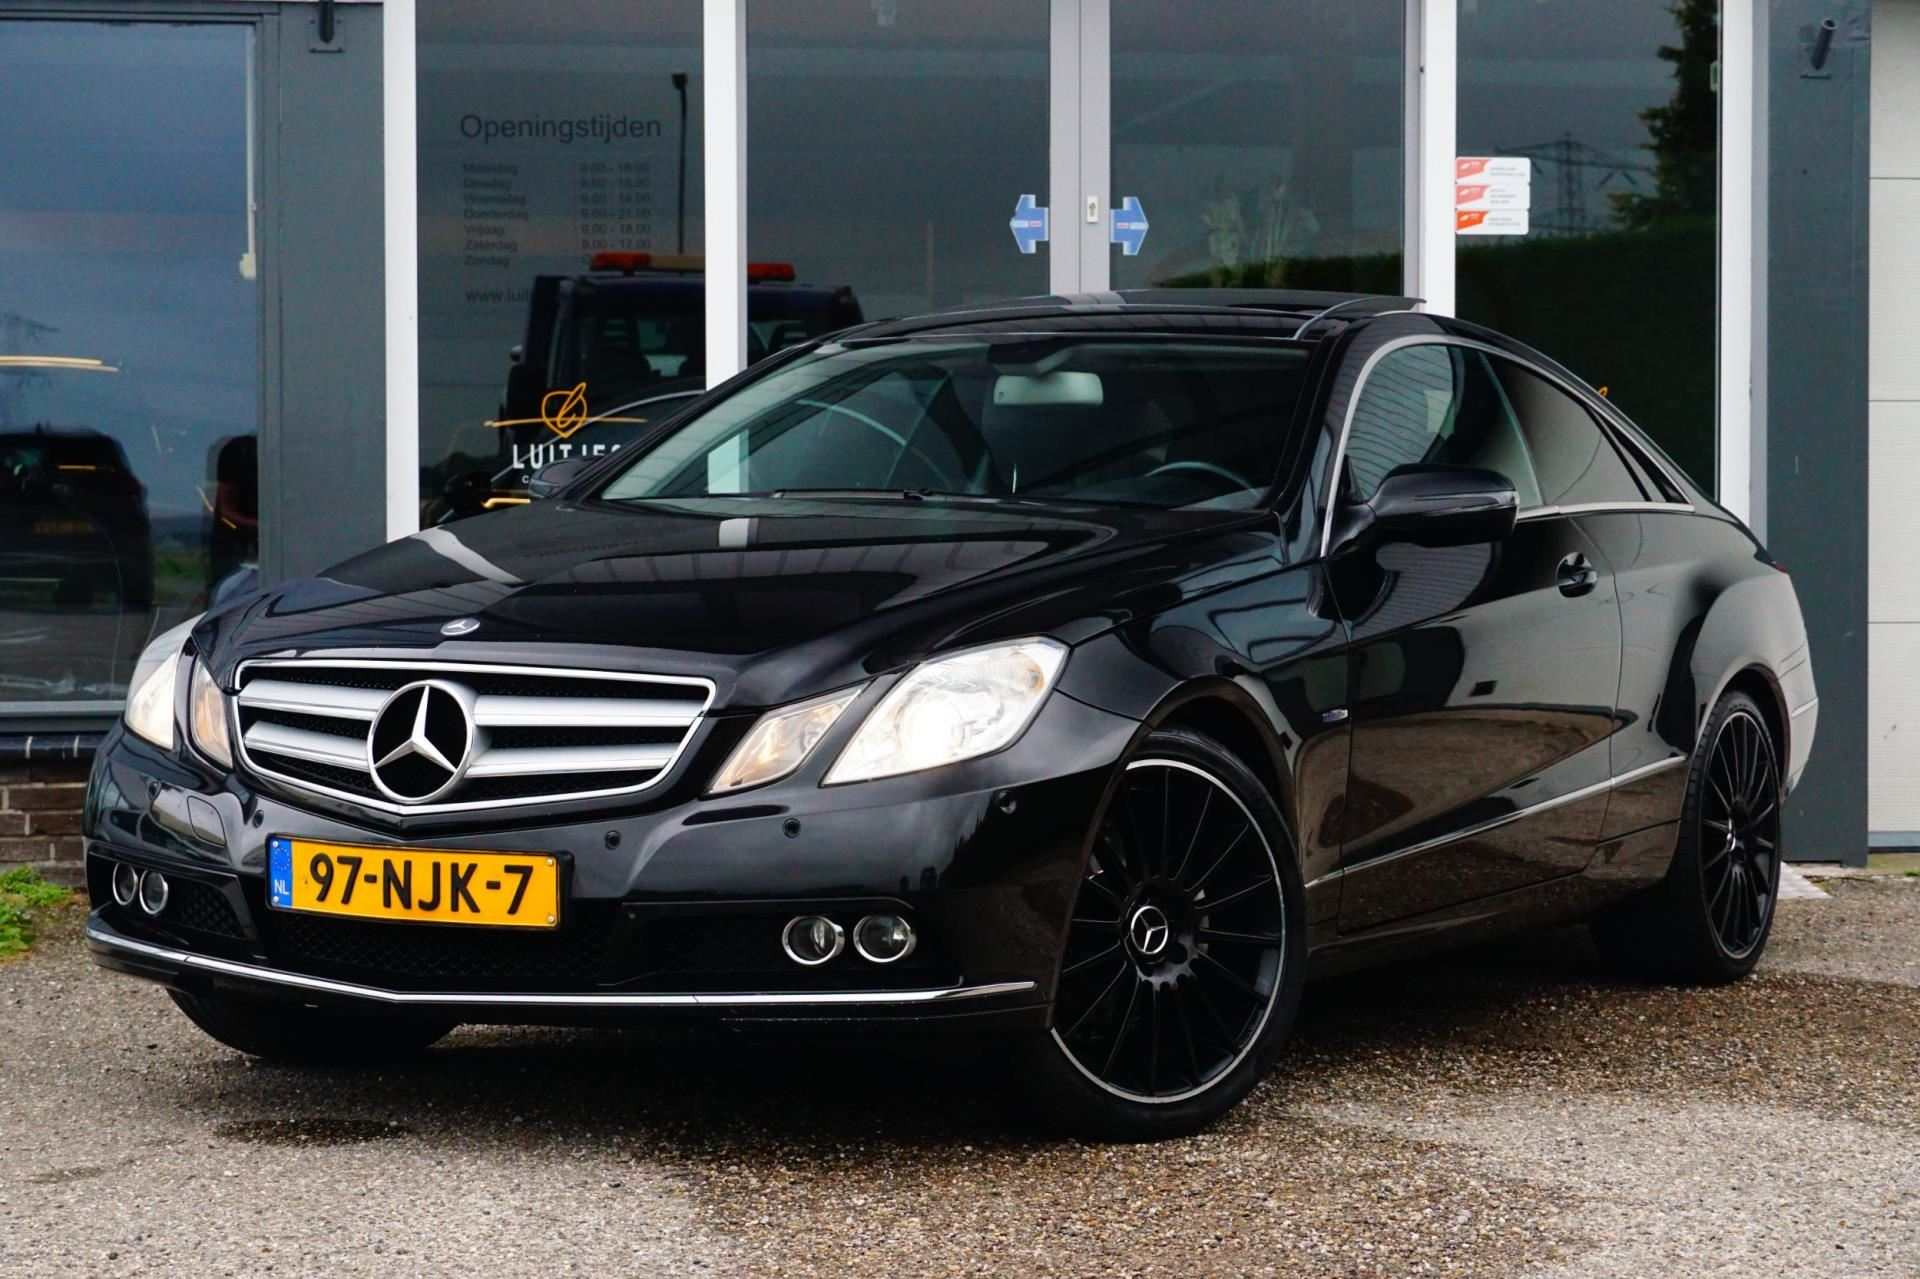 Mercedes-Benz E-klasse Coupé occasion - Luitjes Car Company